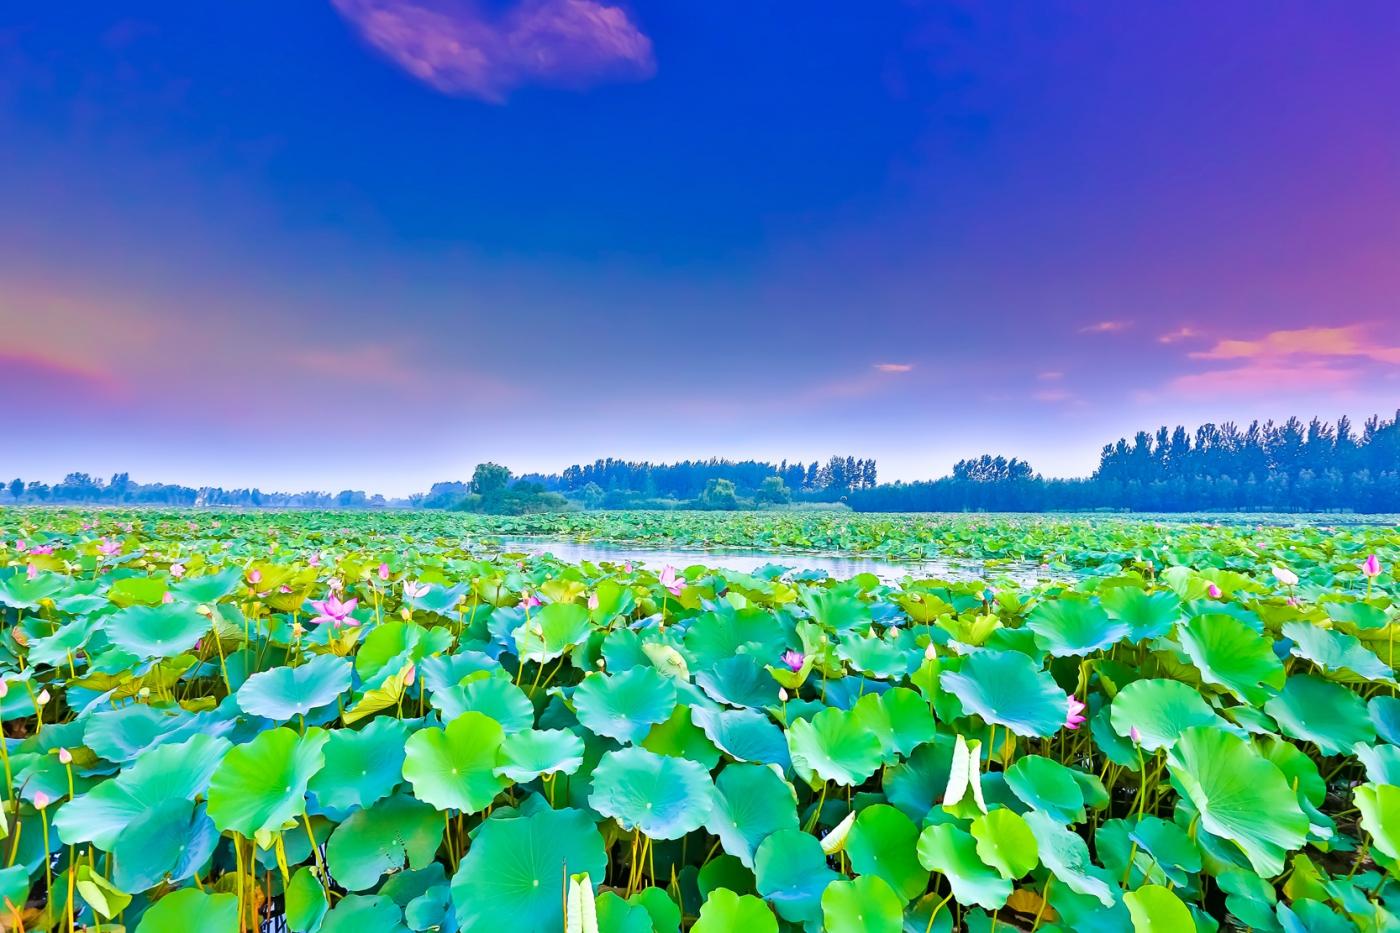 看红荷不必东奔西走 临沂红荷湿地美景如画_图1-12